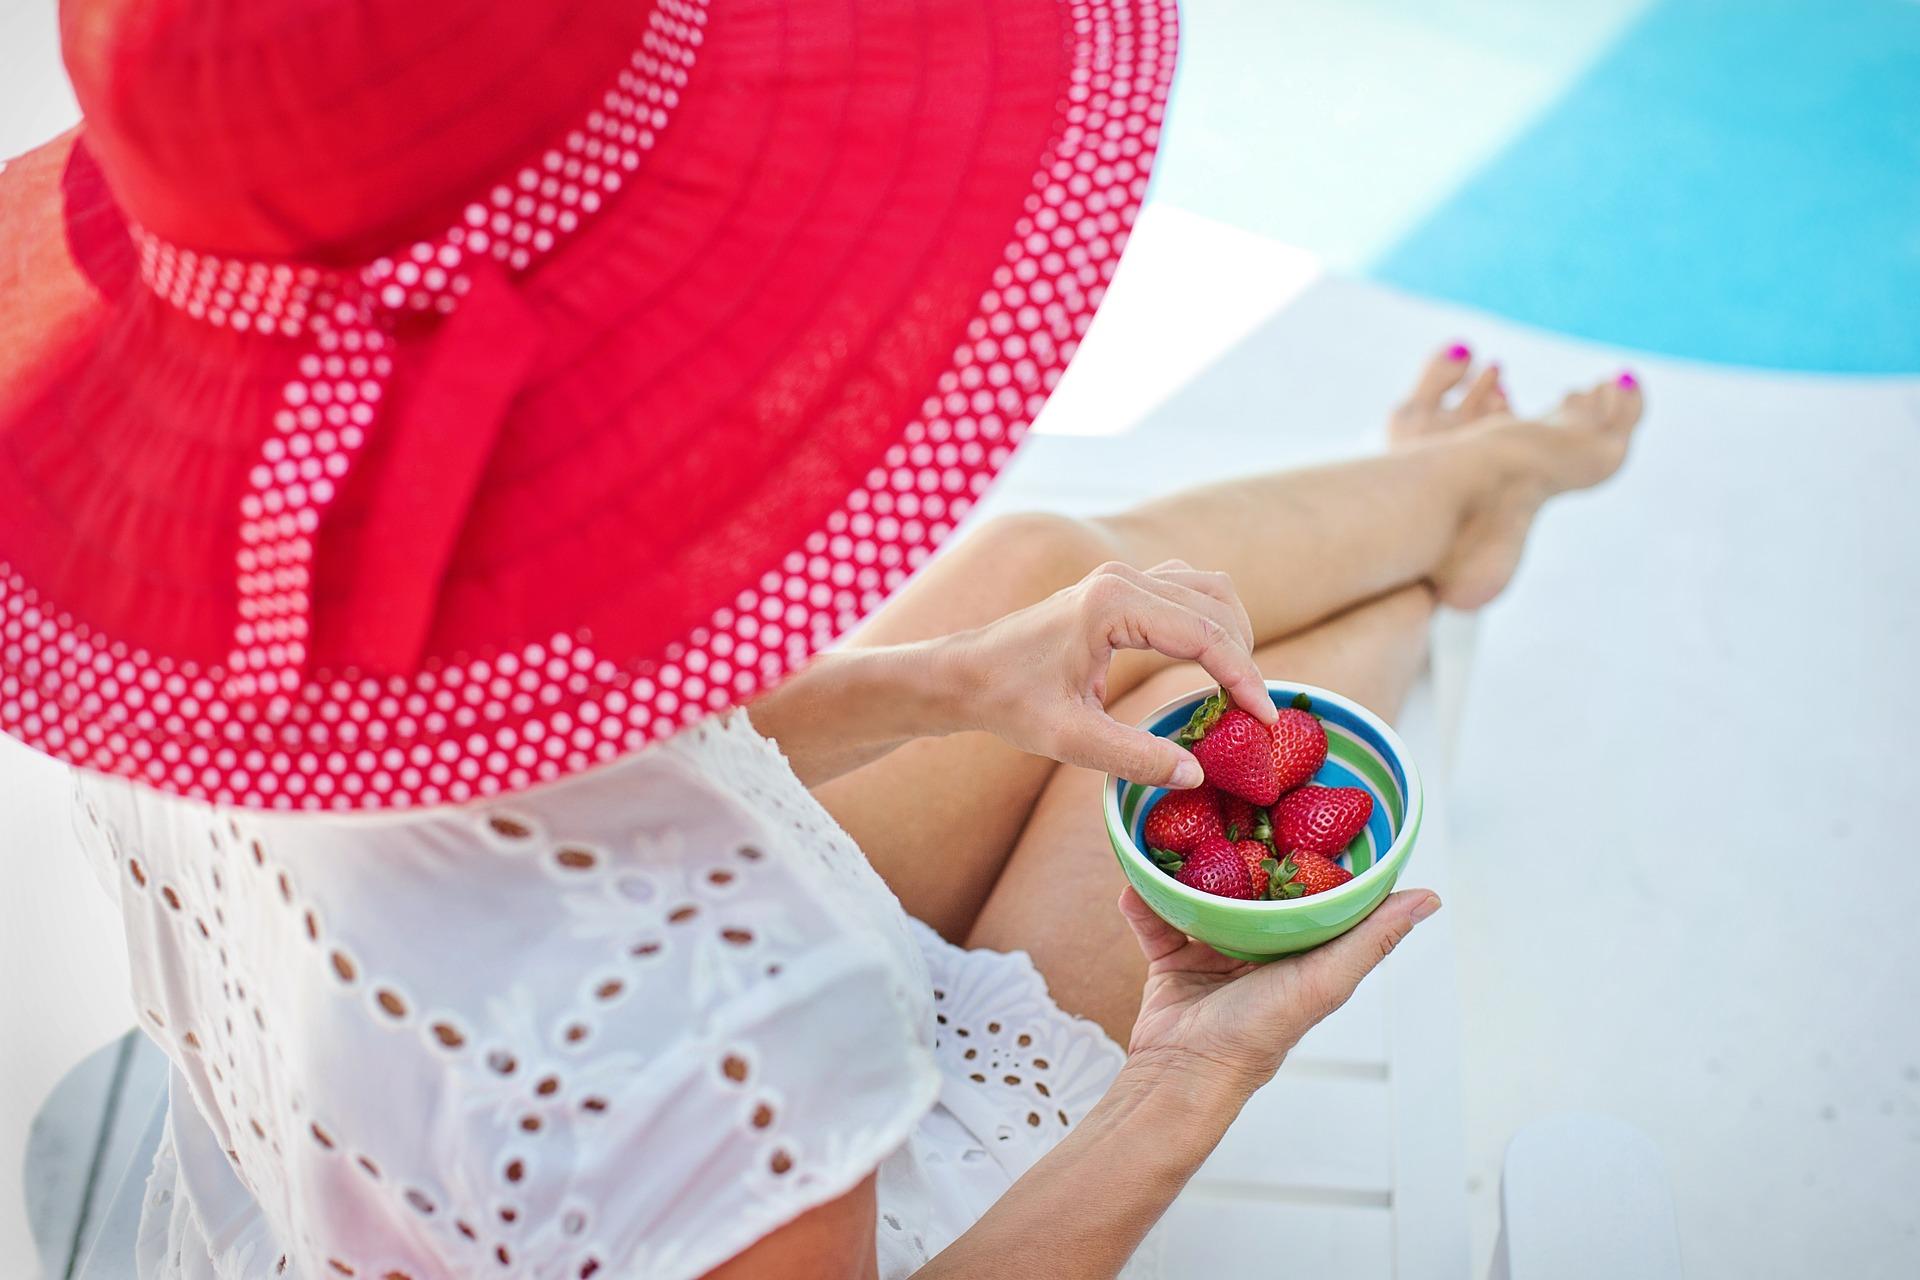 Sådan holder du helt fri og slapper af i ferien